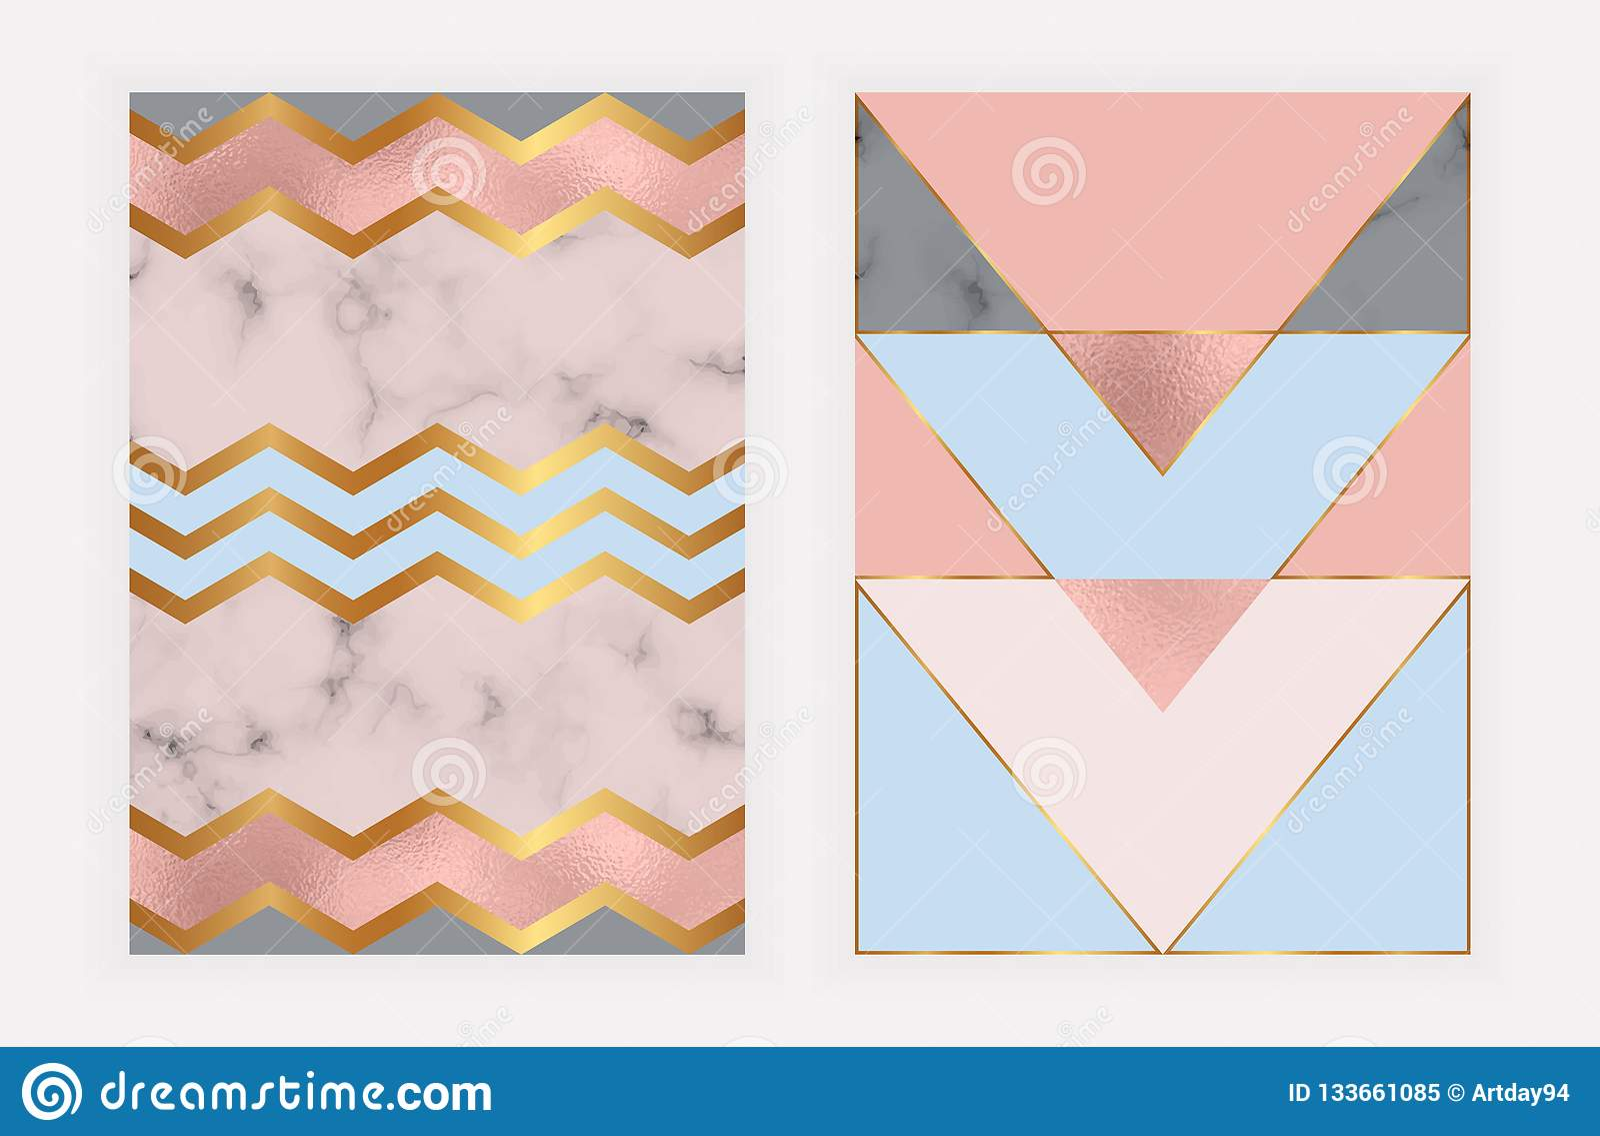 Γεωμετρικό σχέδιο μόδας με το ροδαλό χρυσό φύλλο αλουμινίου και τη μαρμάρινη σύσταση Σύγχρονο υπόβαθρο για την κάρτα, εορτασμός,